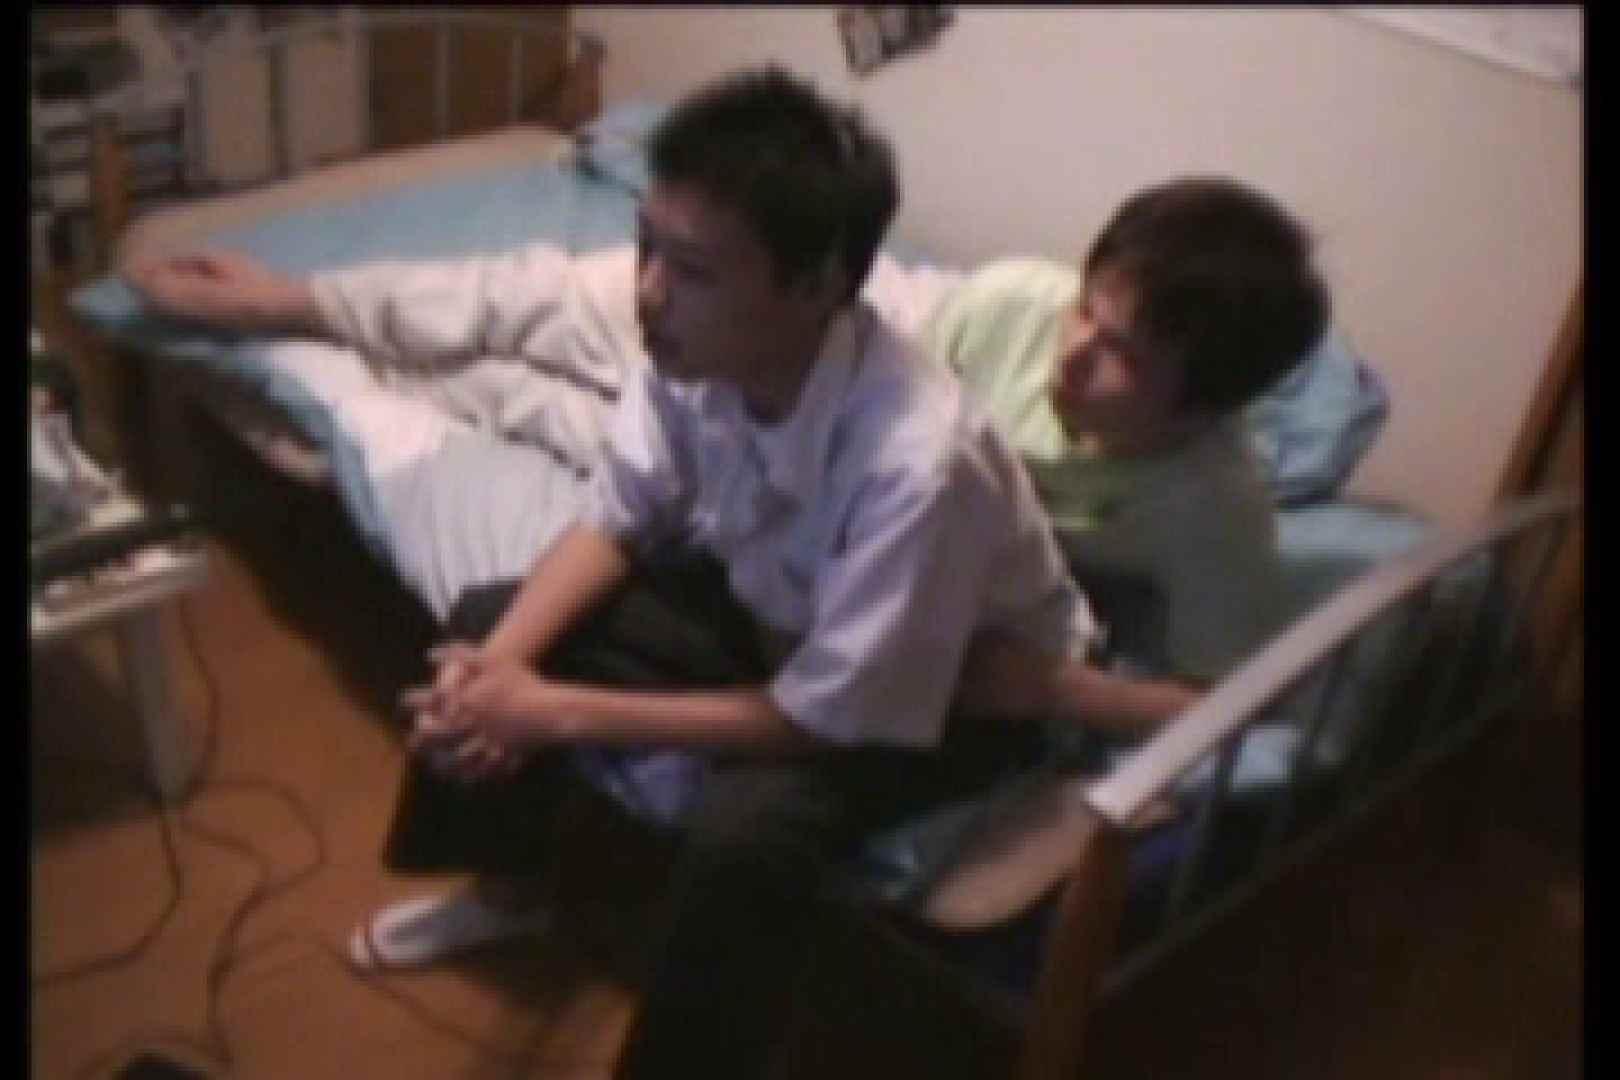 【実録投稿】友達覗撮In my room!! 射精  102pic 27